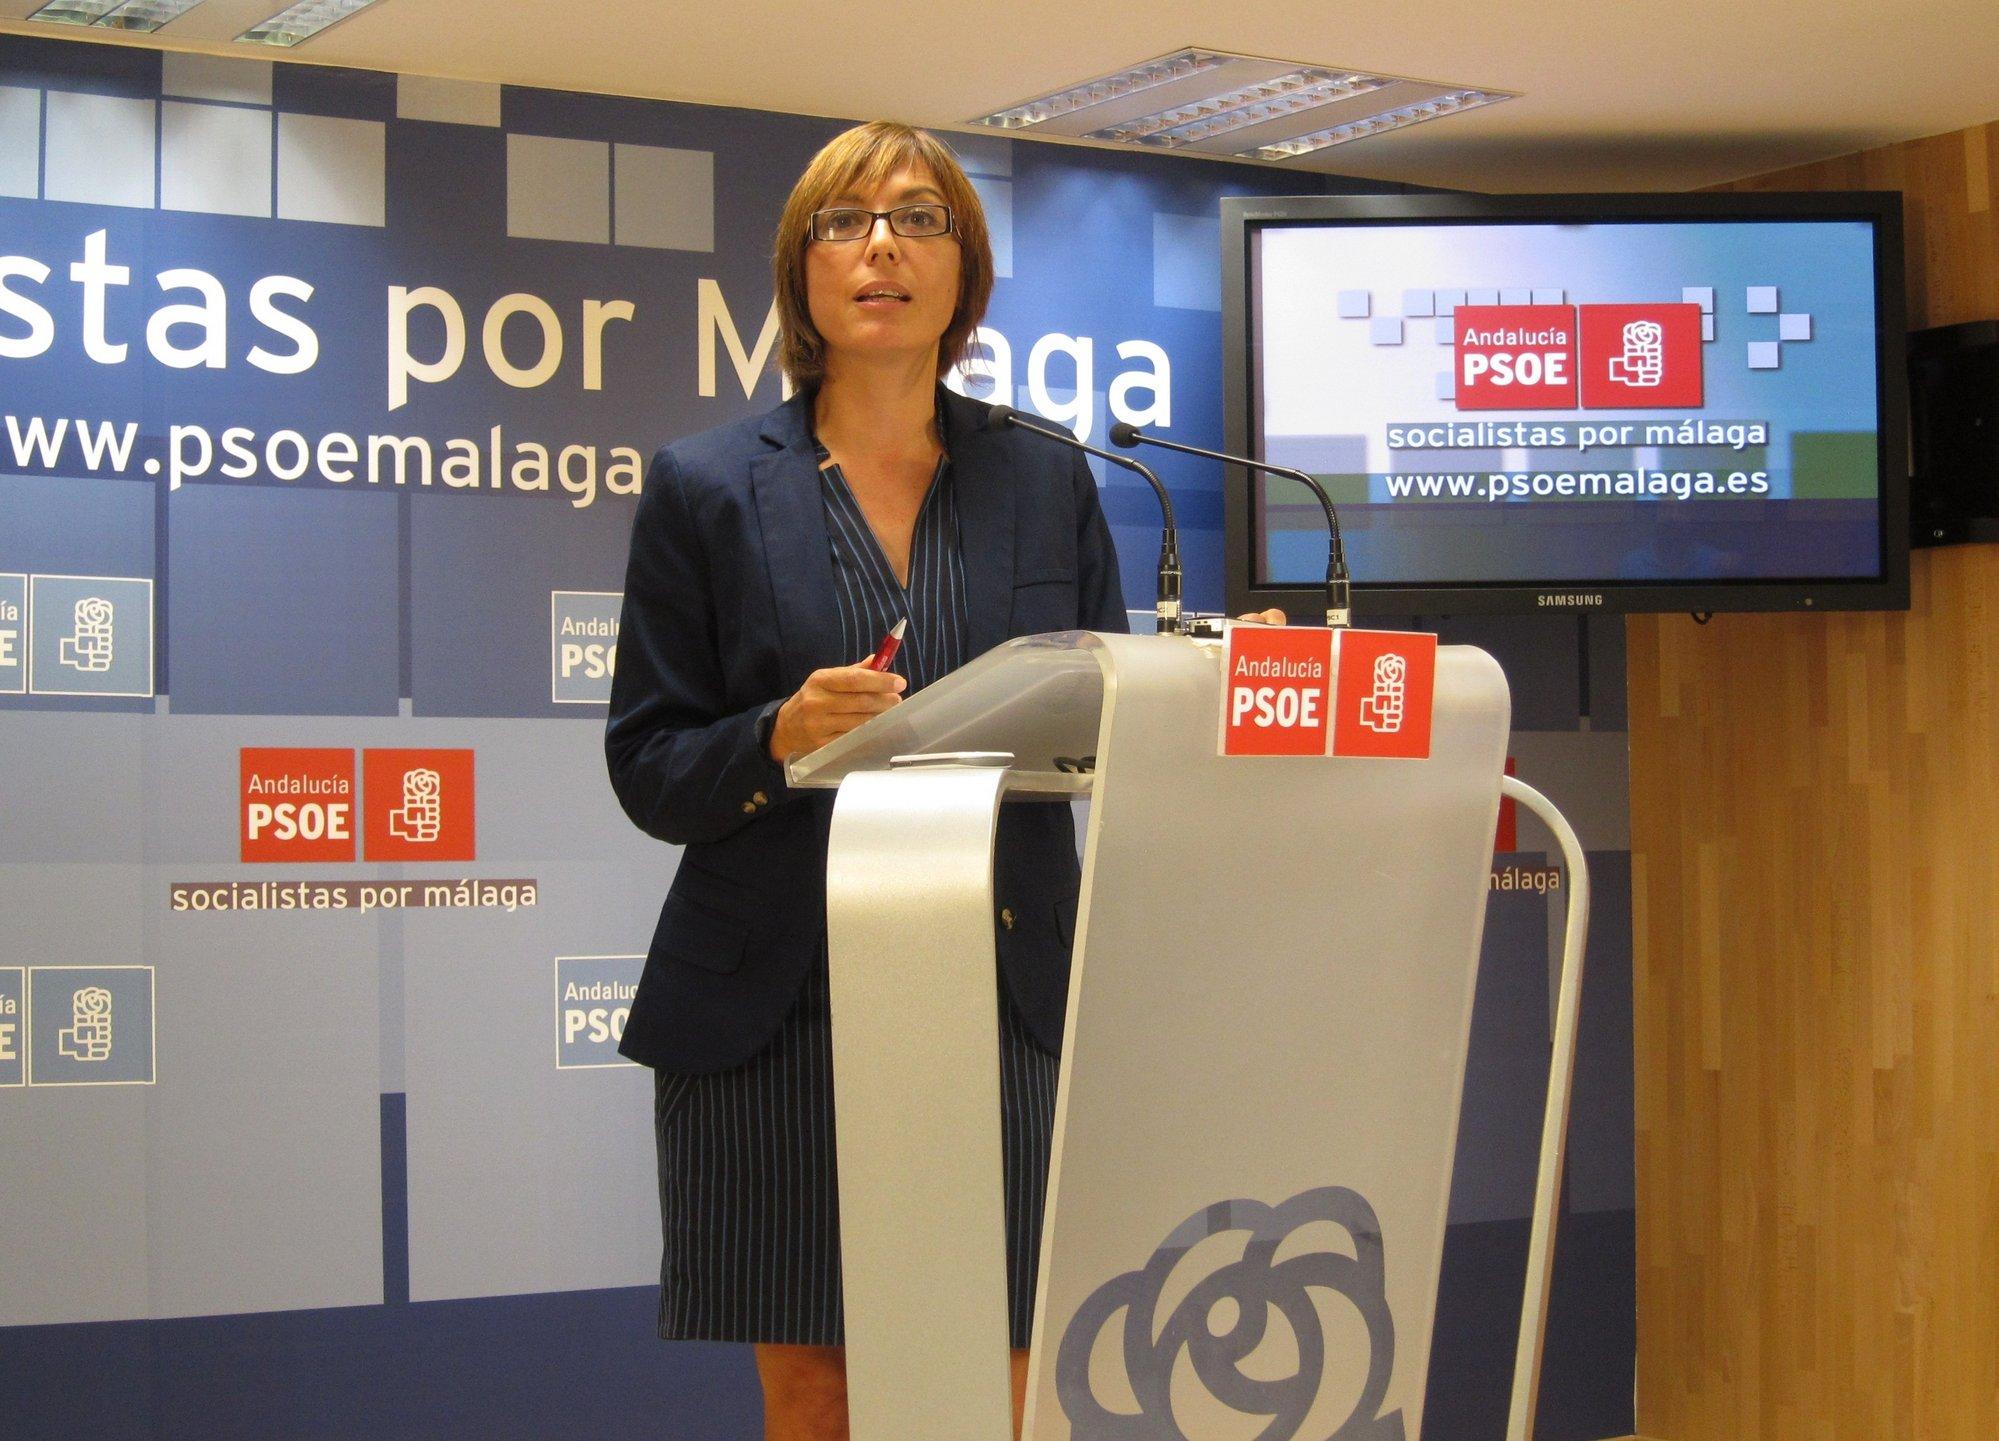 El PSOE pedirá al Pleno del Ayuntamiento de Málaga que se oponga a las nuevas tasas judiciales